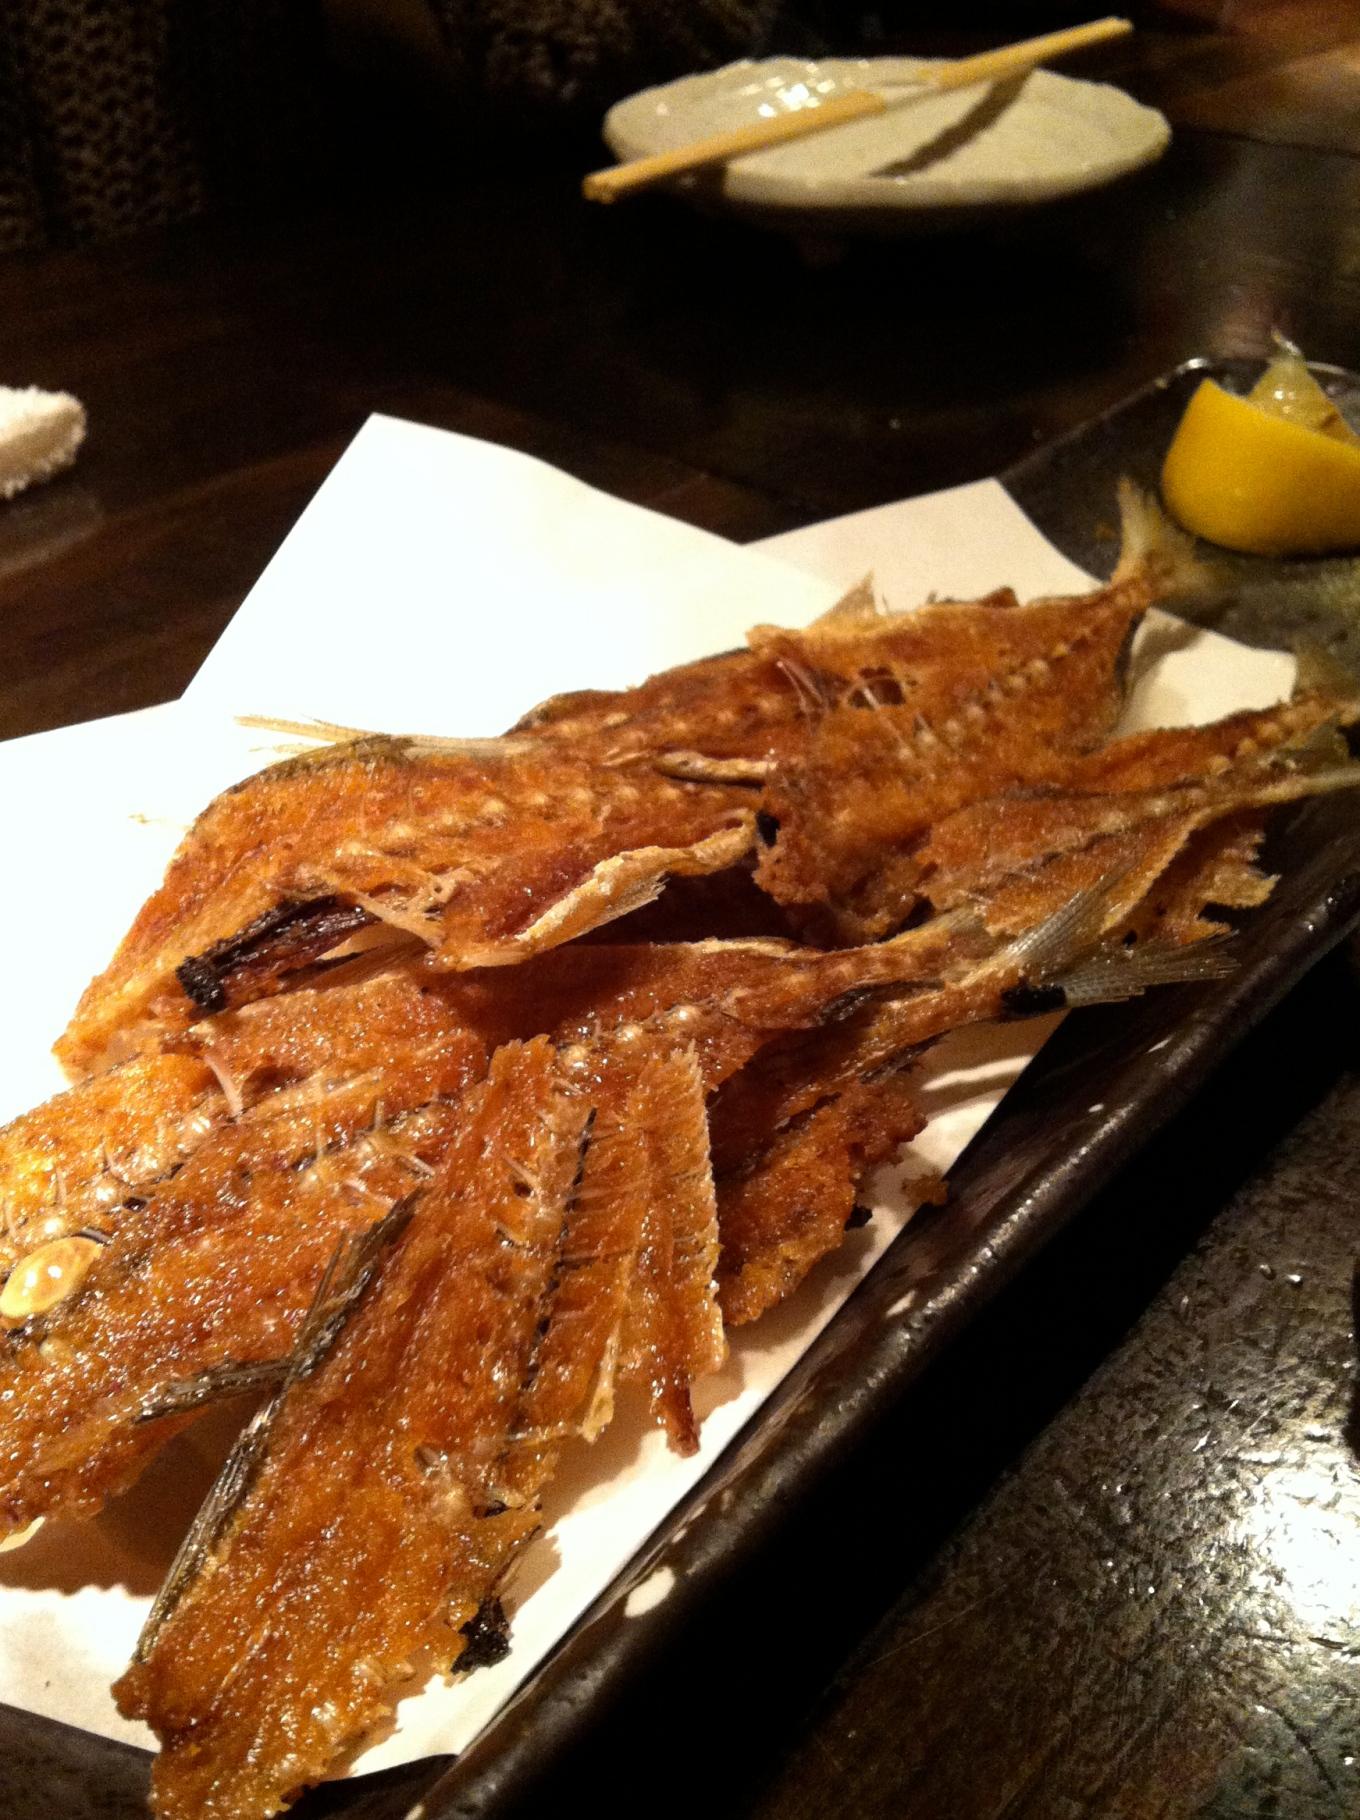 FishBoneCrackers